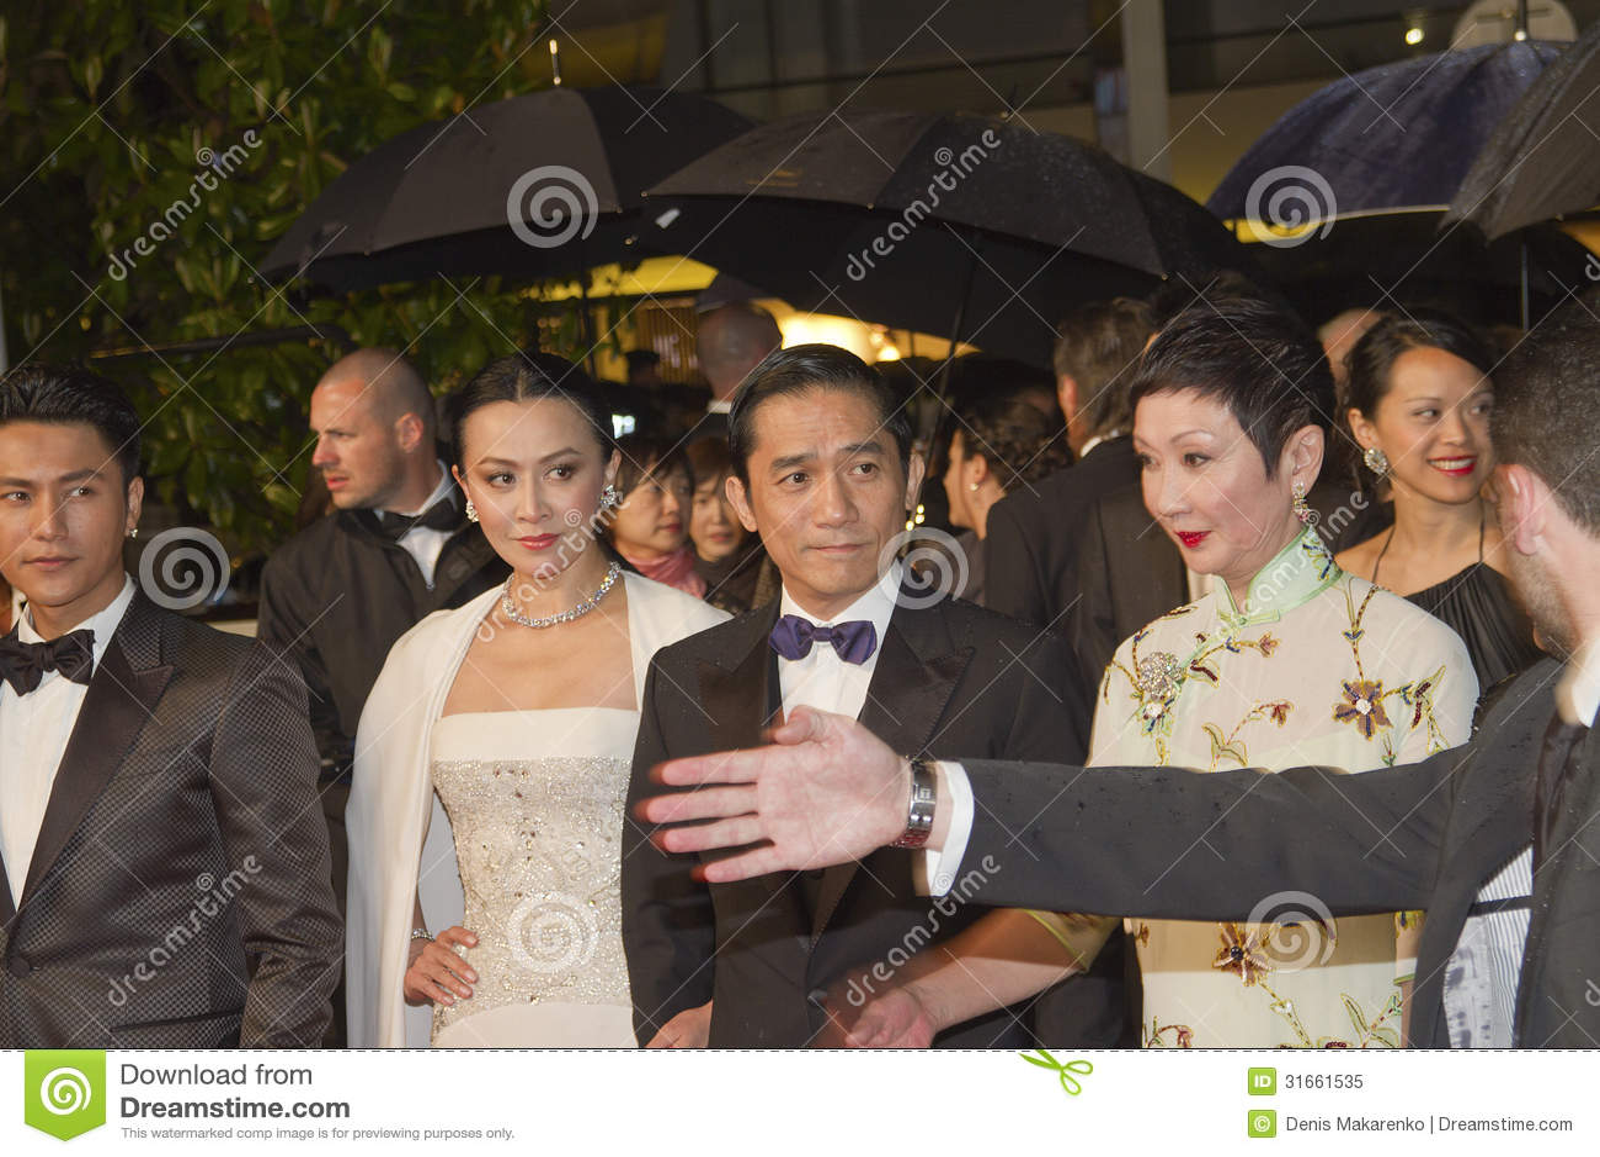 And lau carina leung tony Tony Leung's